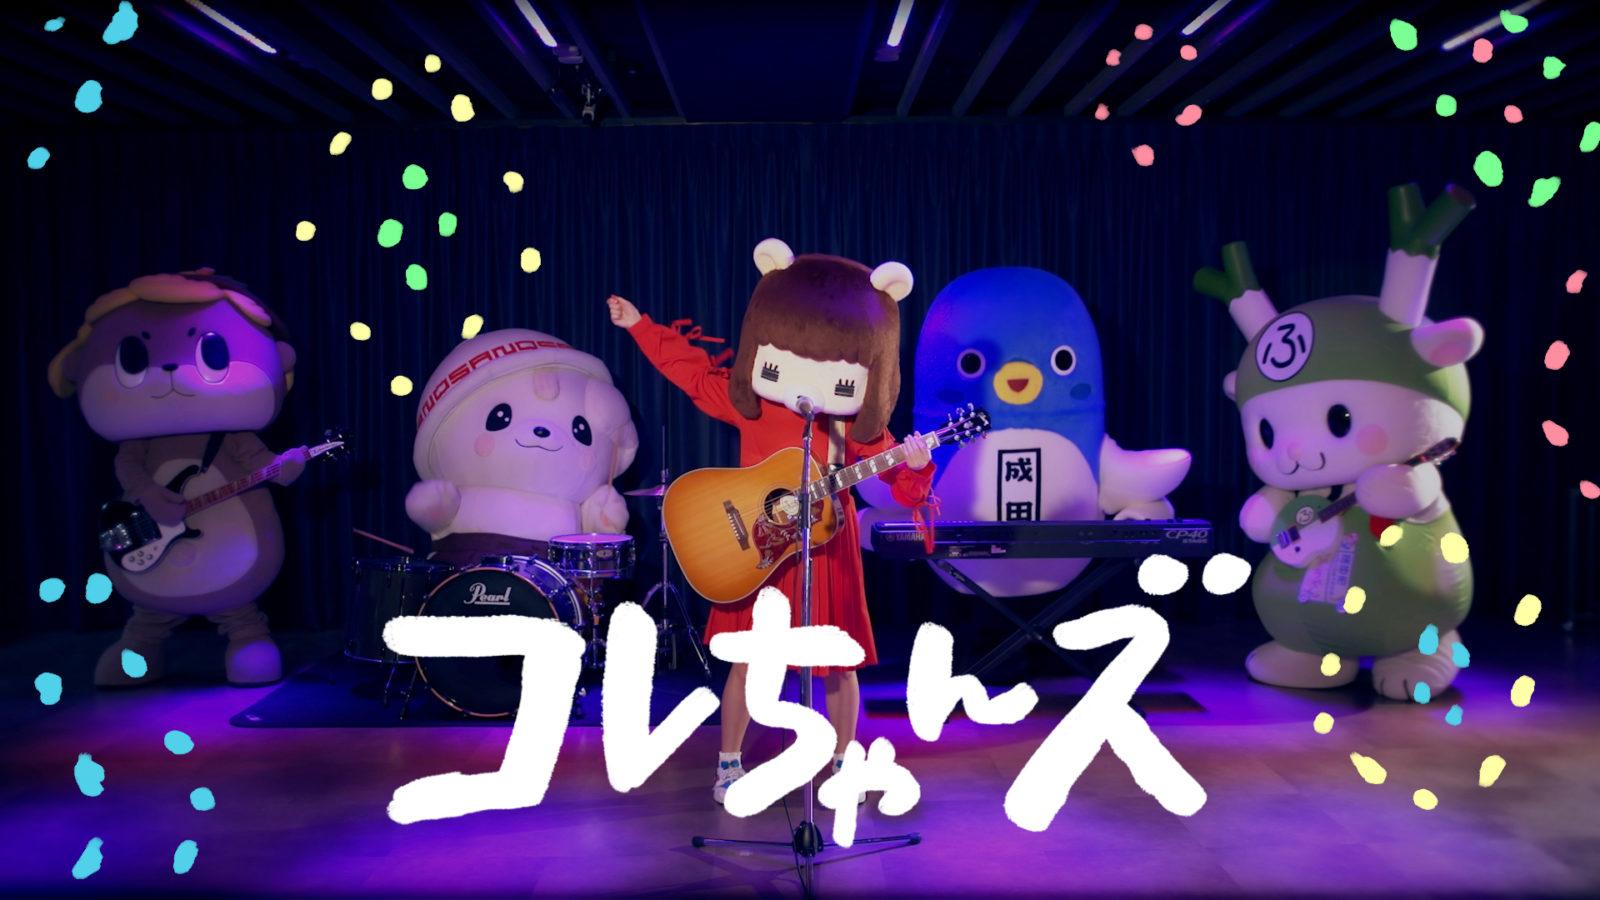 コレサワ、ゆるキャラ達と結成したバンド初MV「死ぬこと以外かすり傷」を公開サムネイル画像!